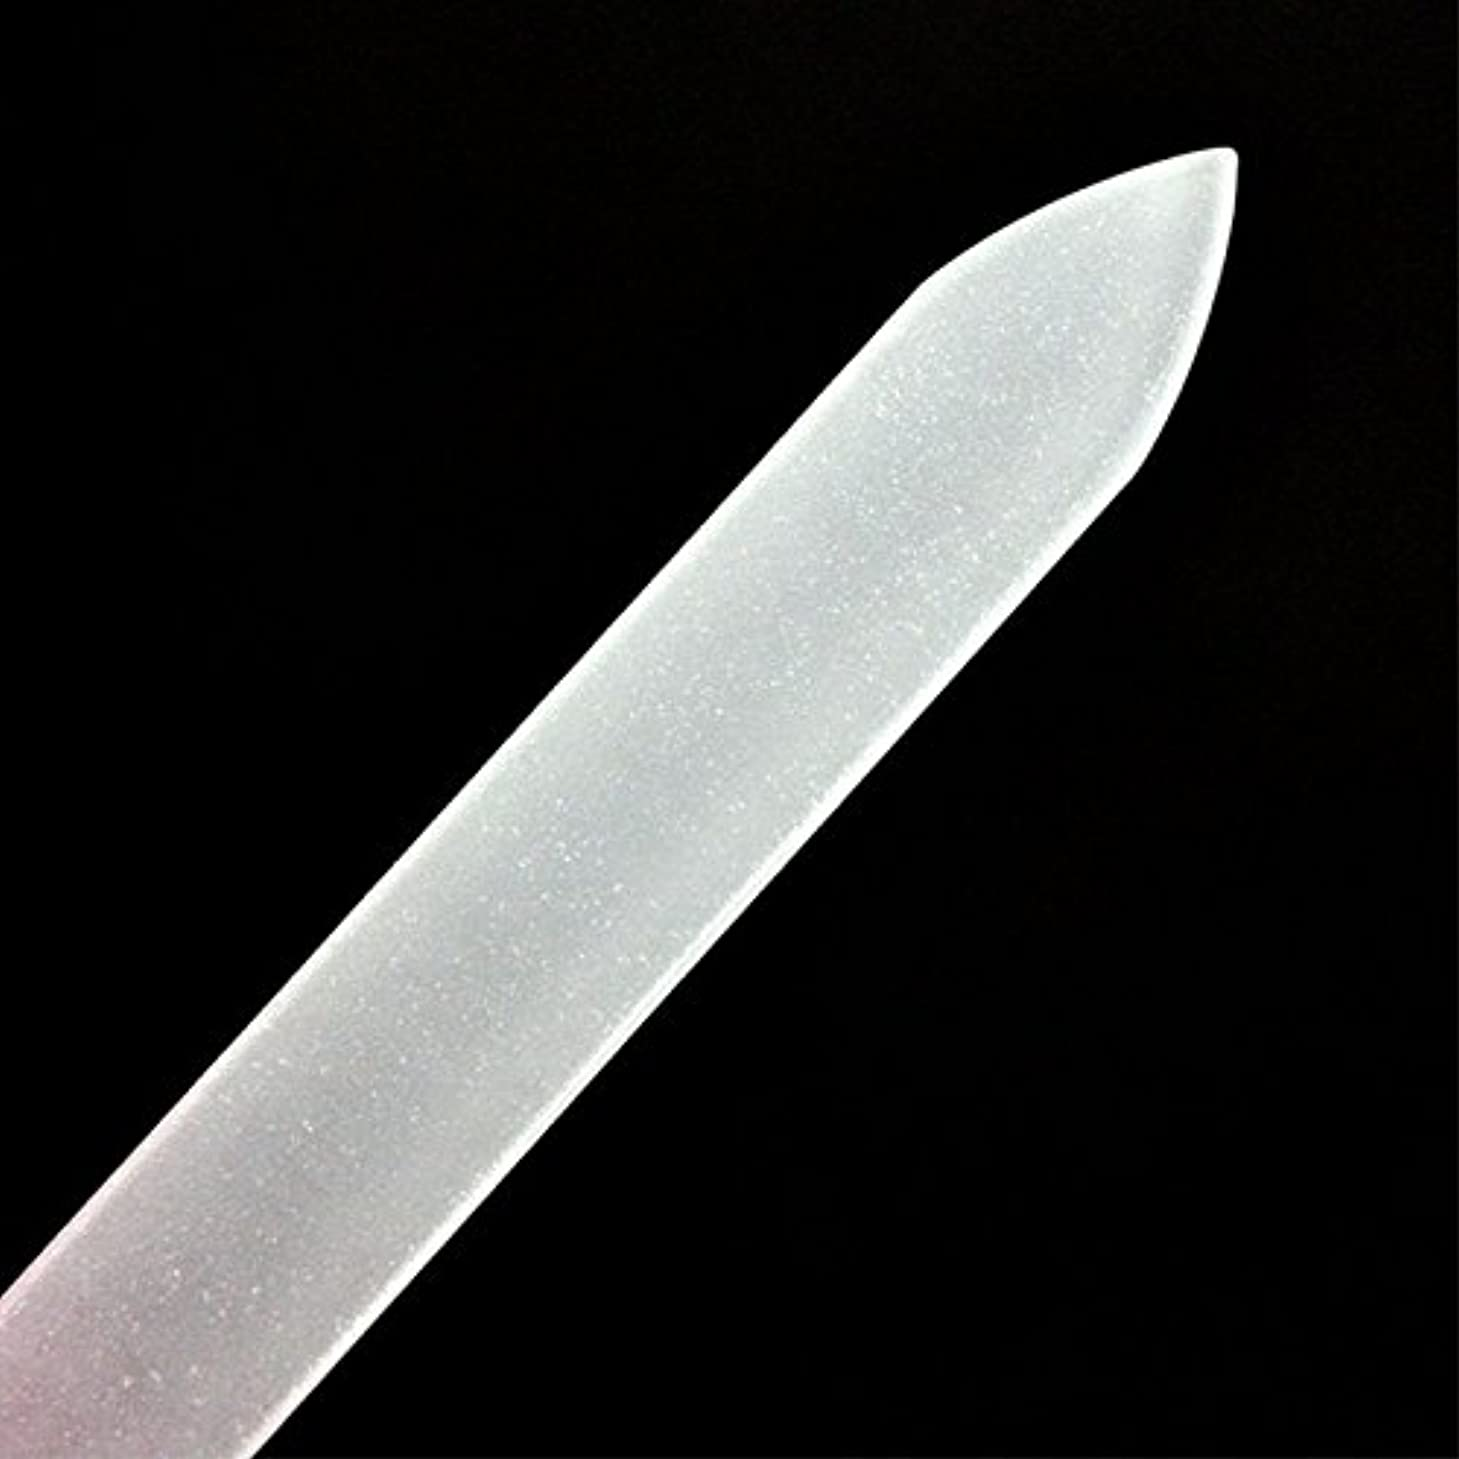 瞑想するエレメンタル間接的爪磨き つめみがき ネイルケア 爪やすり 用品ガラス製爪ヤスリ ガラス製 ケース付 つめやすり甘皮 ケア